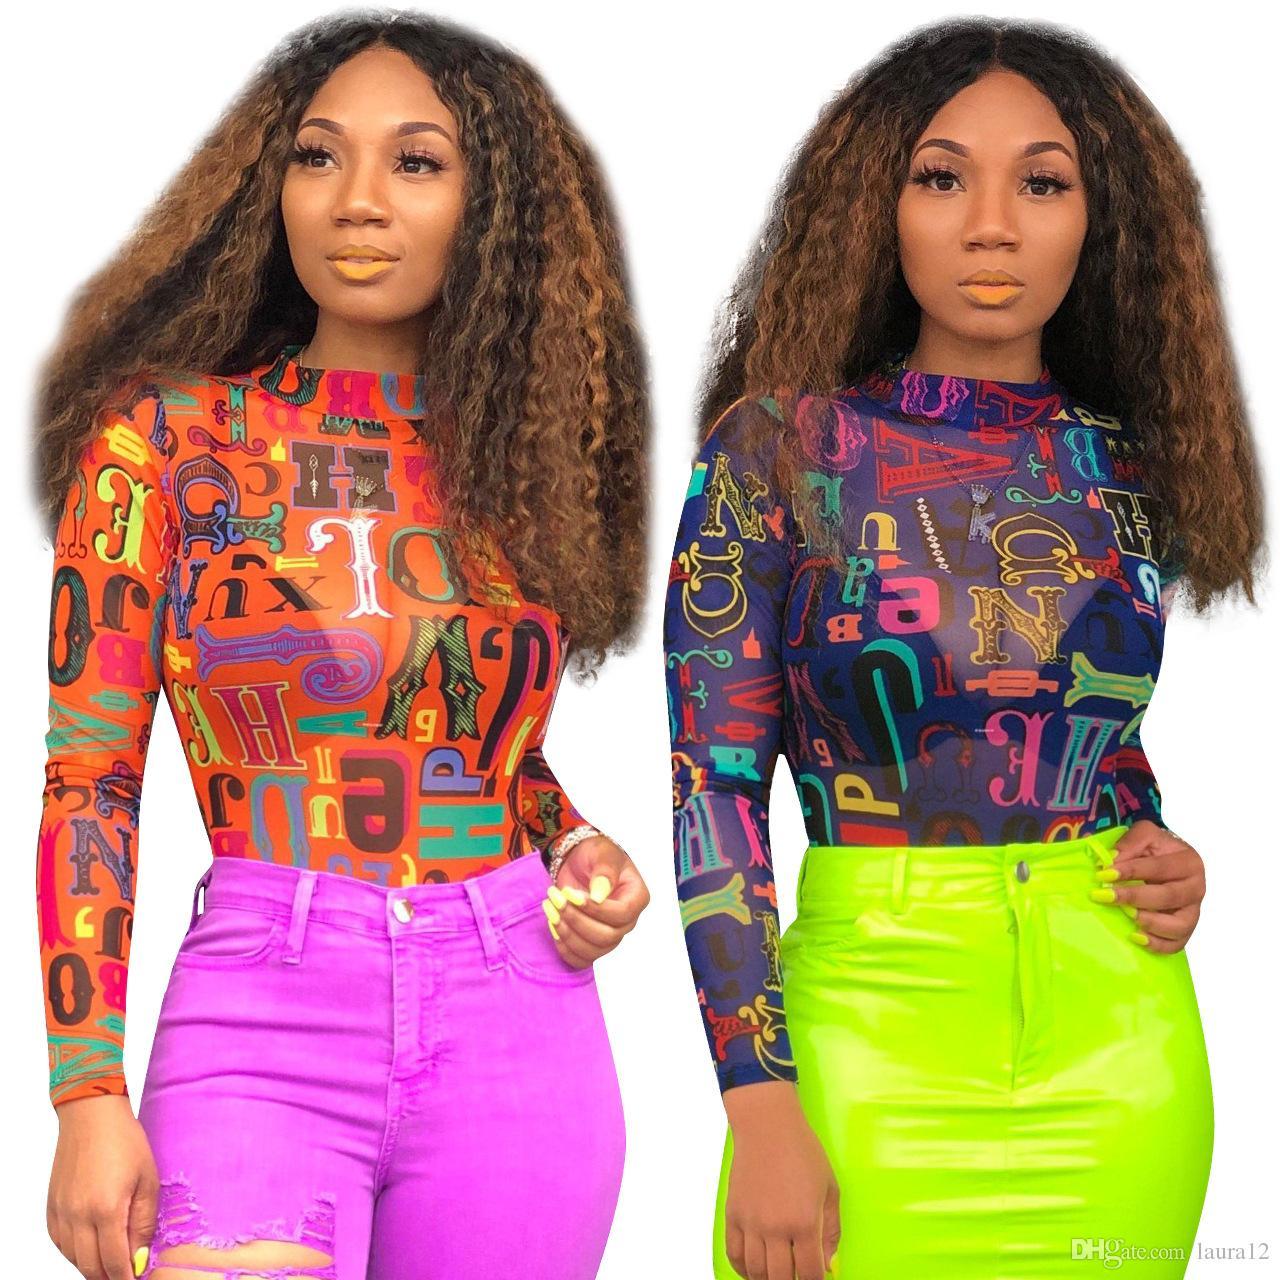 섹시한 슬림 레이디 티셔츠 Lettern Pattern Mesh 긴 소매 터틀넥 캐쥬얼 티셔츠 탑스와 티셔츠 for Women and Girls